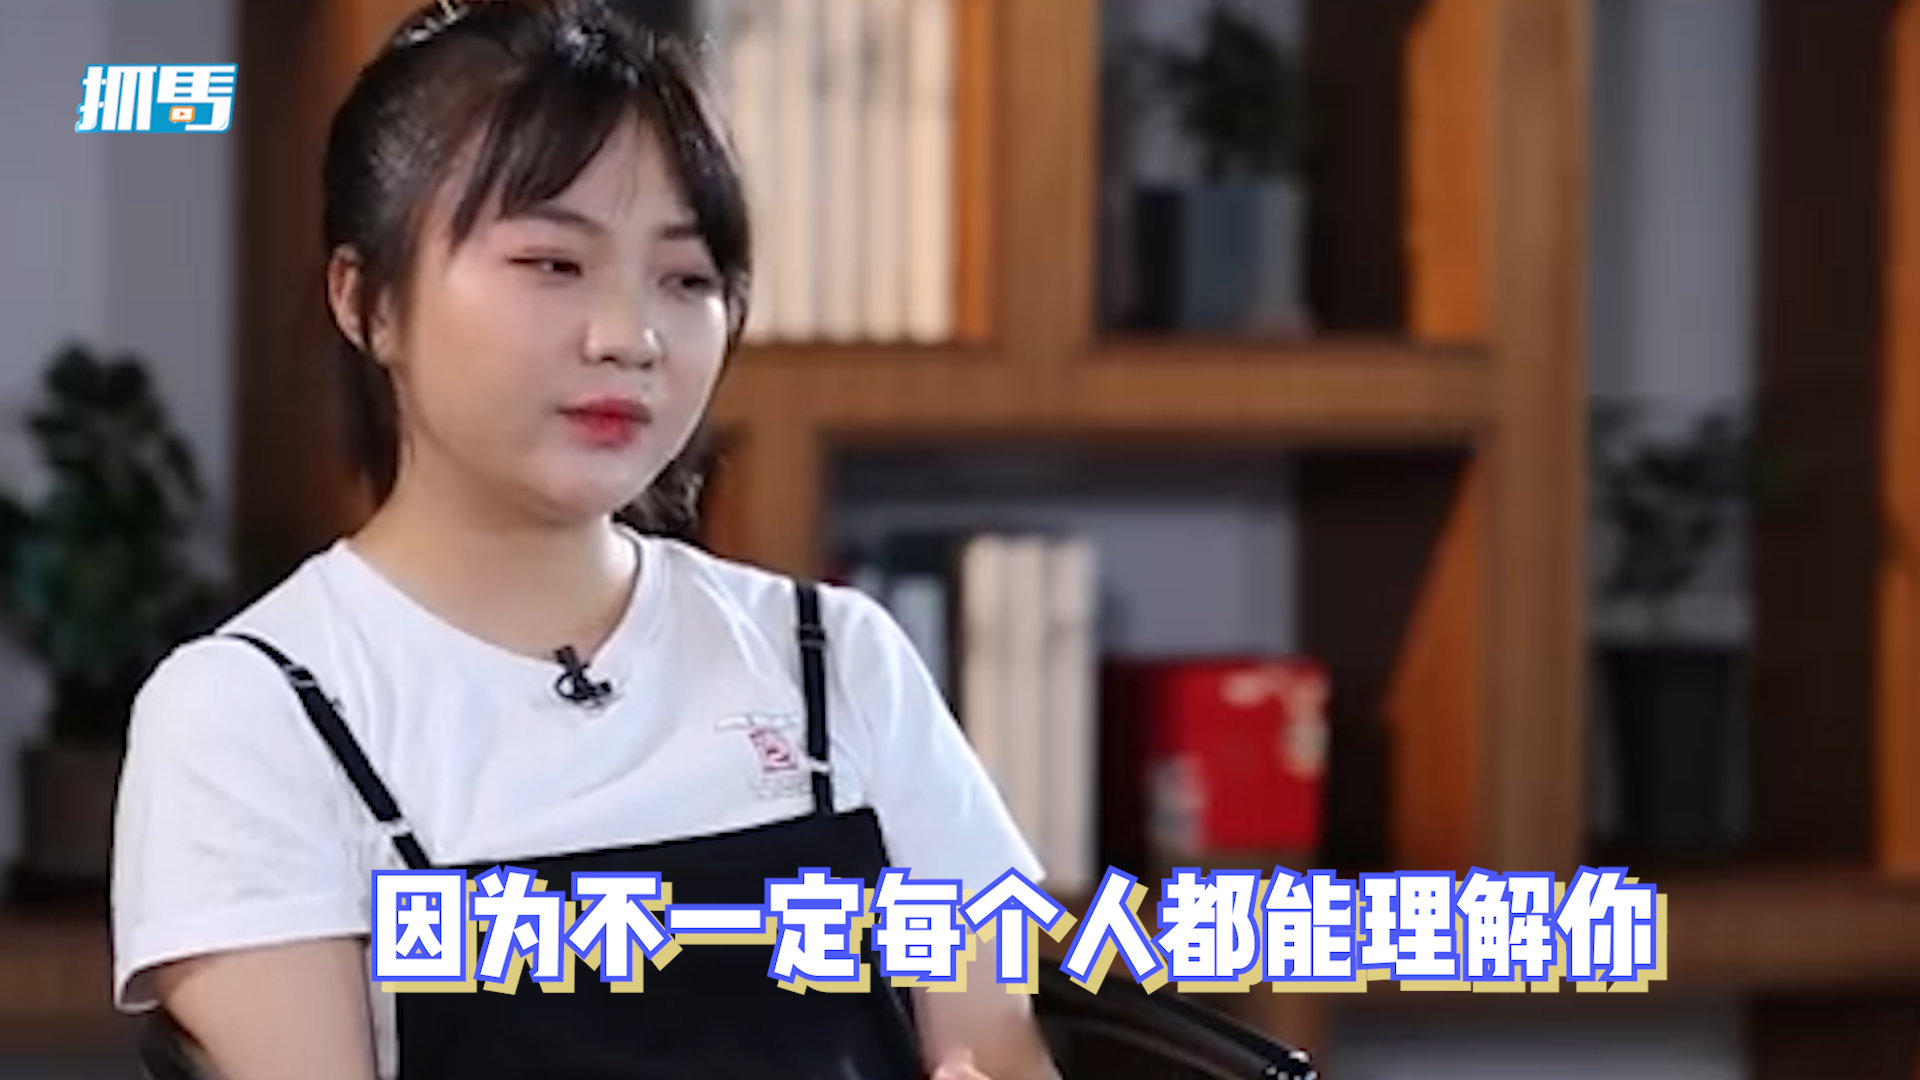 林妙可首次回应奥运会假唱:9岁对开幕式没有概念,被误解很正常